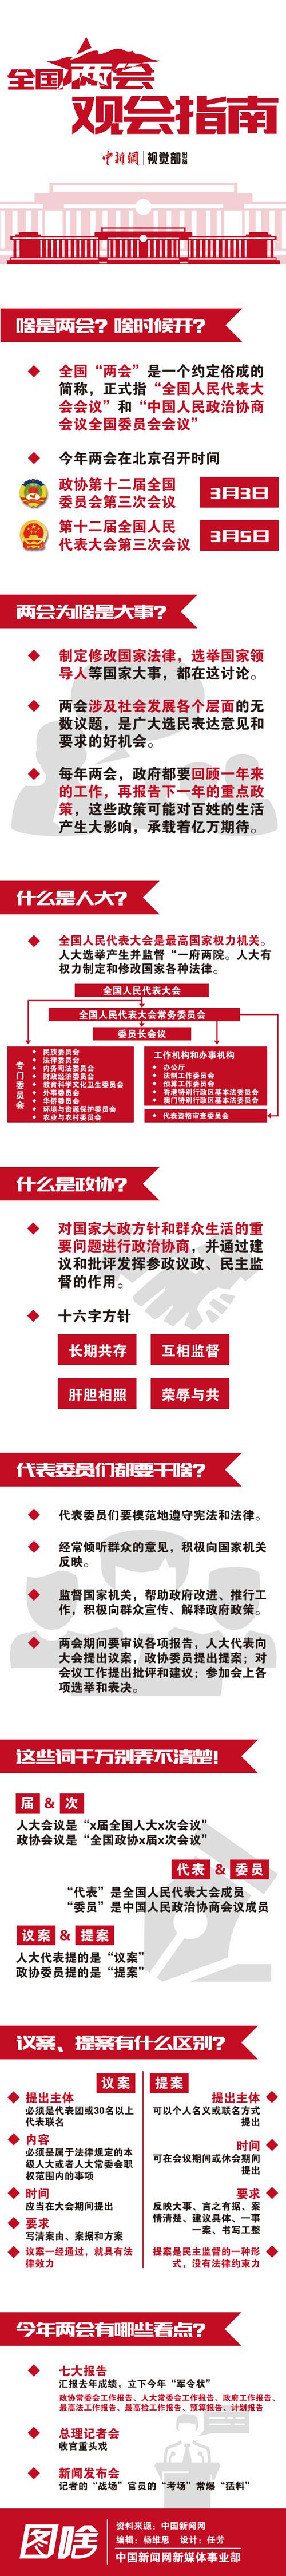 """中新网北京3月2日电(温雅琼)48年内""""最晚的春节""""刚过,中国即将迎来一年一度政治生活的大事―全国两会。两会怎么开?有哪些议程?关注些什么?全国两会召开前夕,中新网综合整理了一份""""全国两会观会指南"""",帮助读者了解全国两会程序,跟随着人民大会堂的议政之声,把握中国政治脉搏。"""